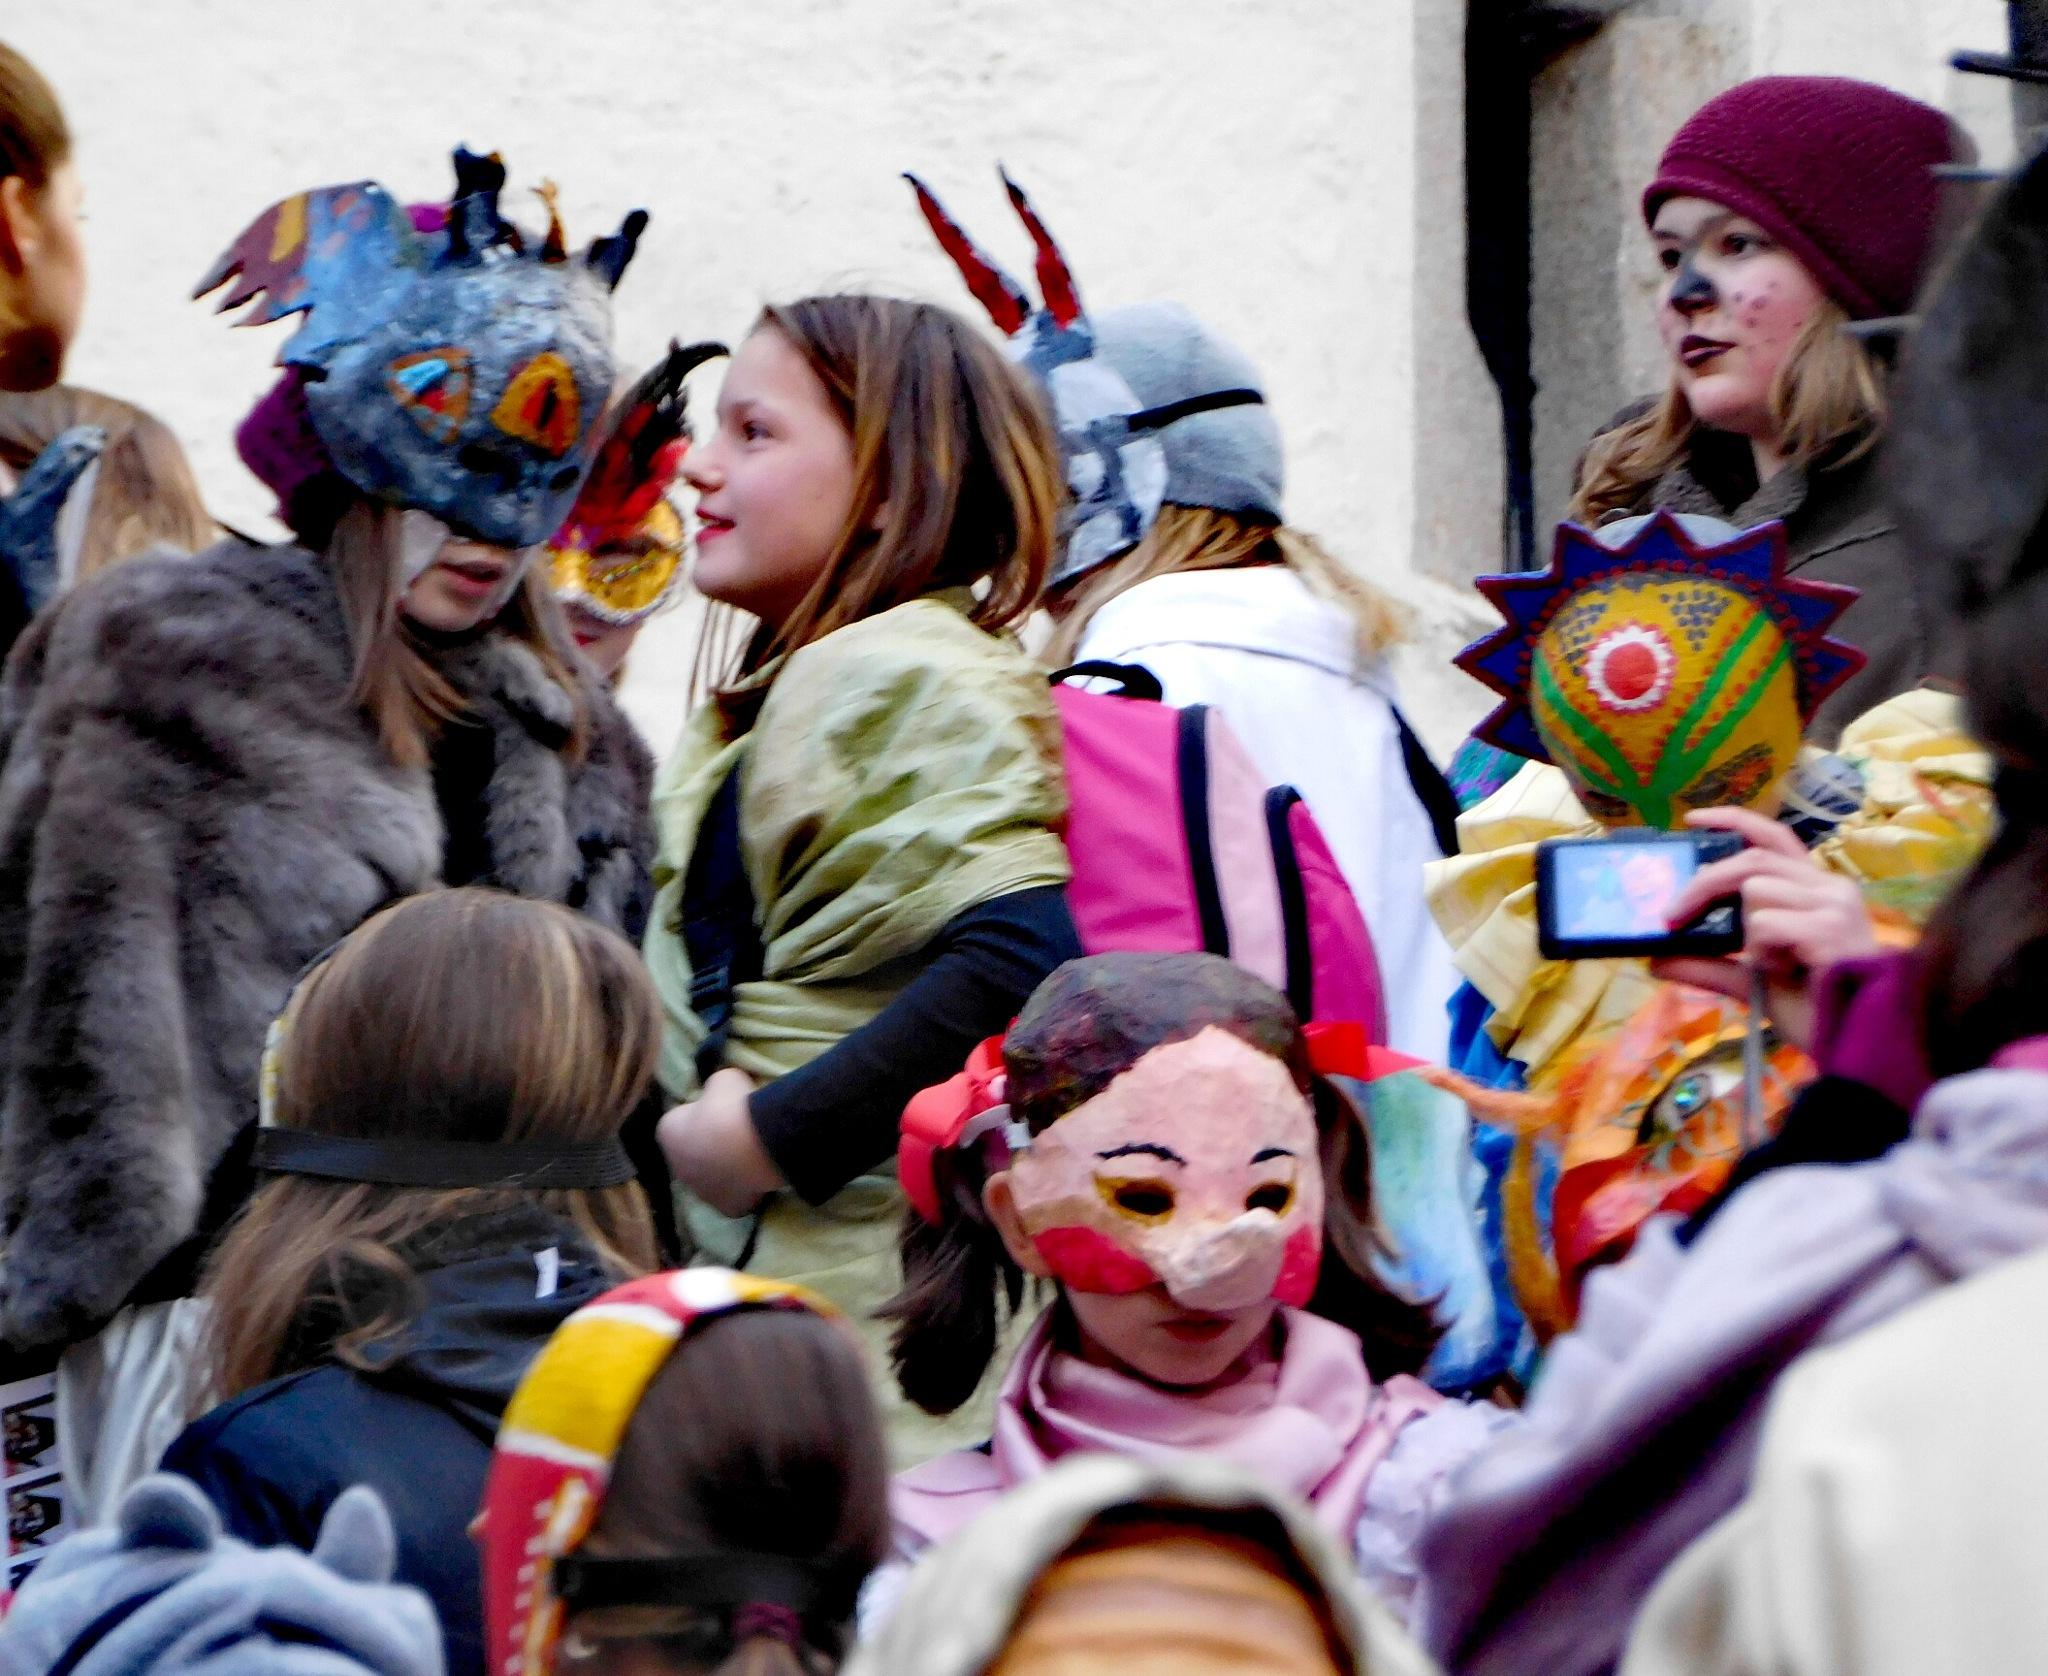 Carnival in Český Krumlov by Karel Laczko